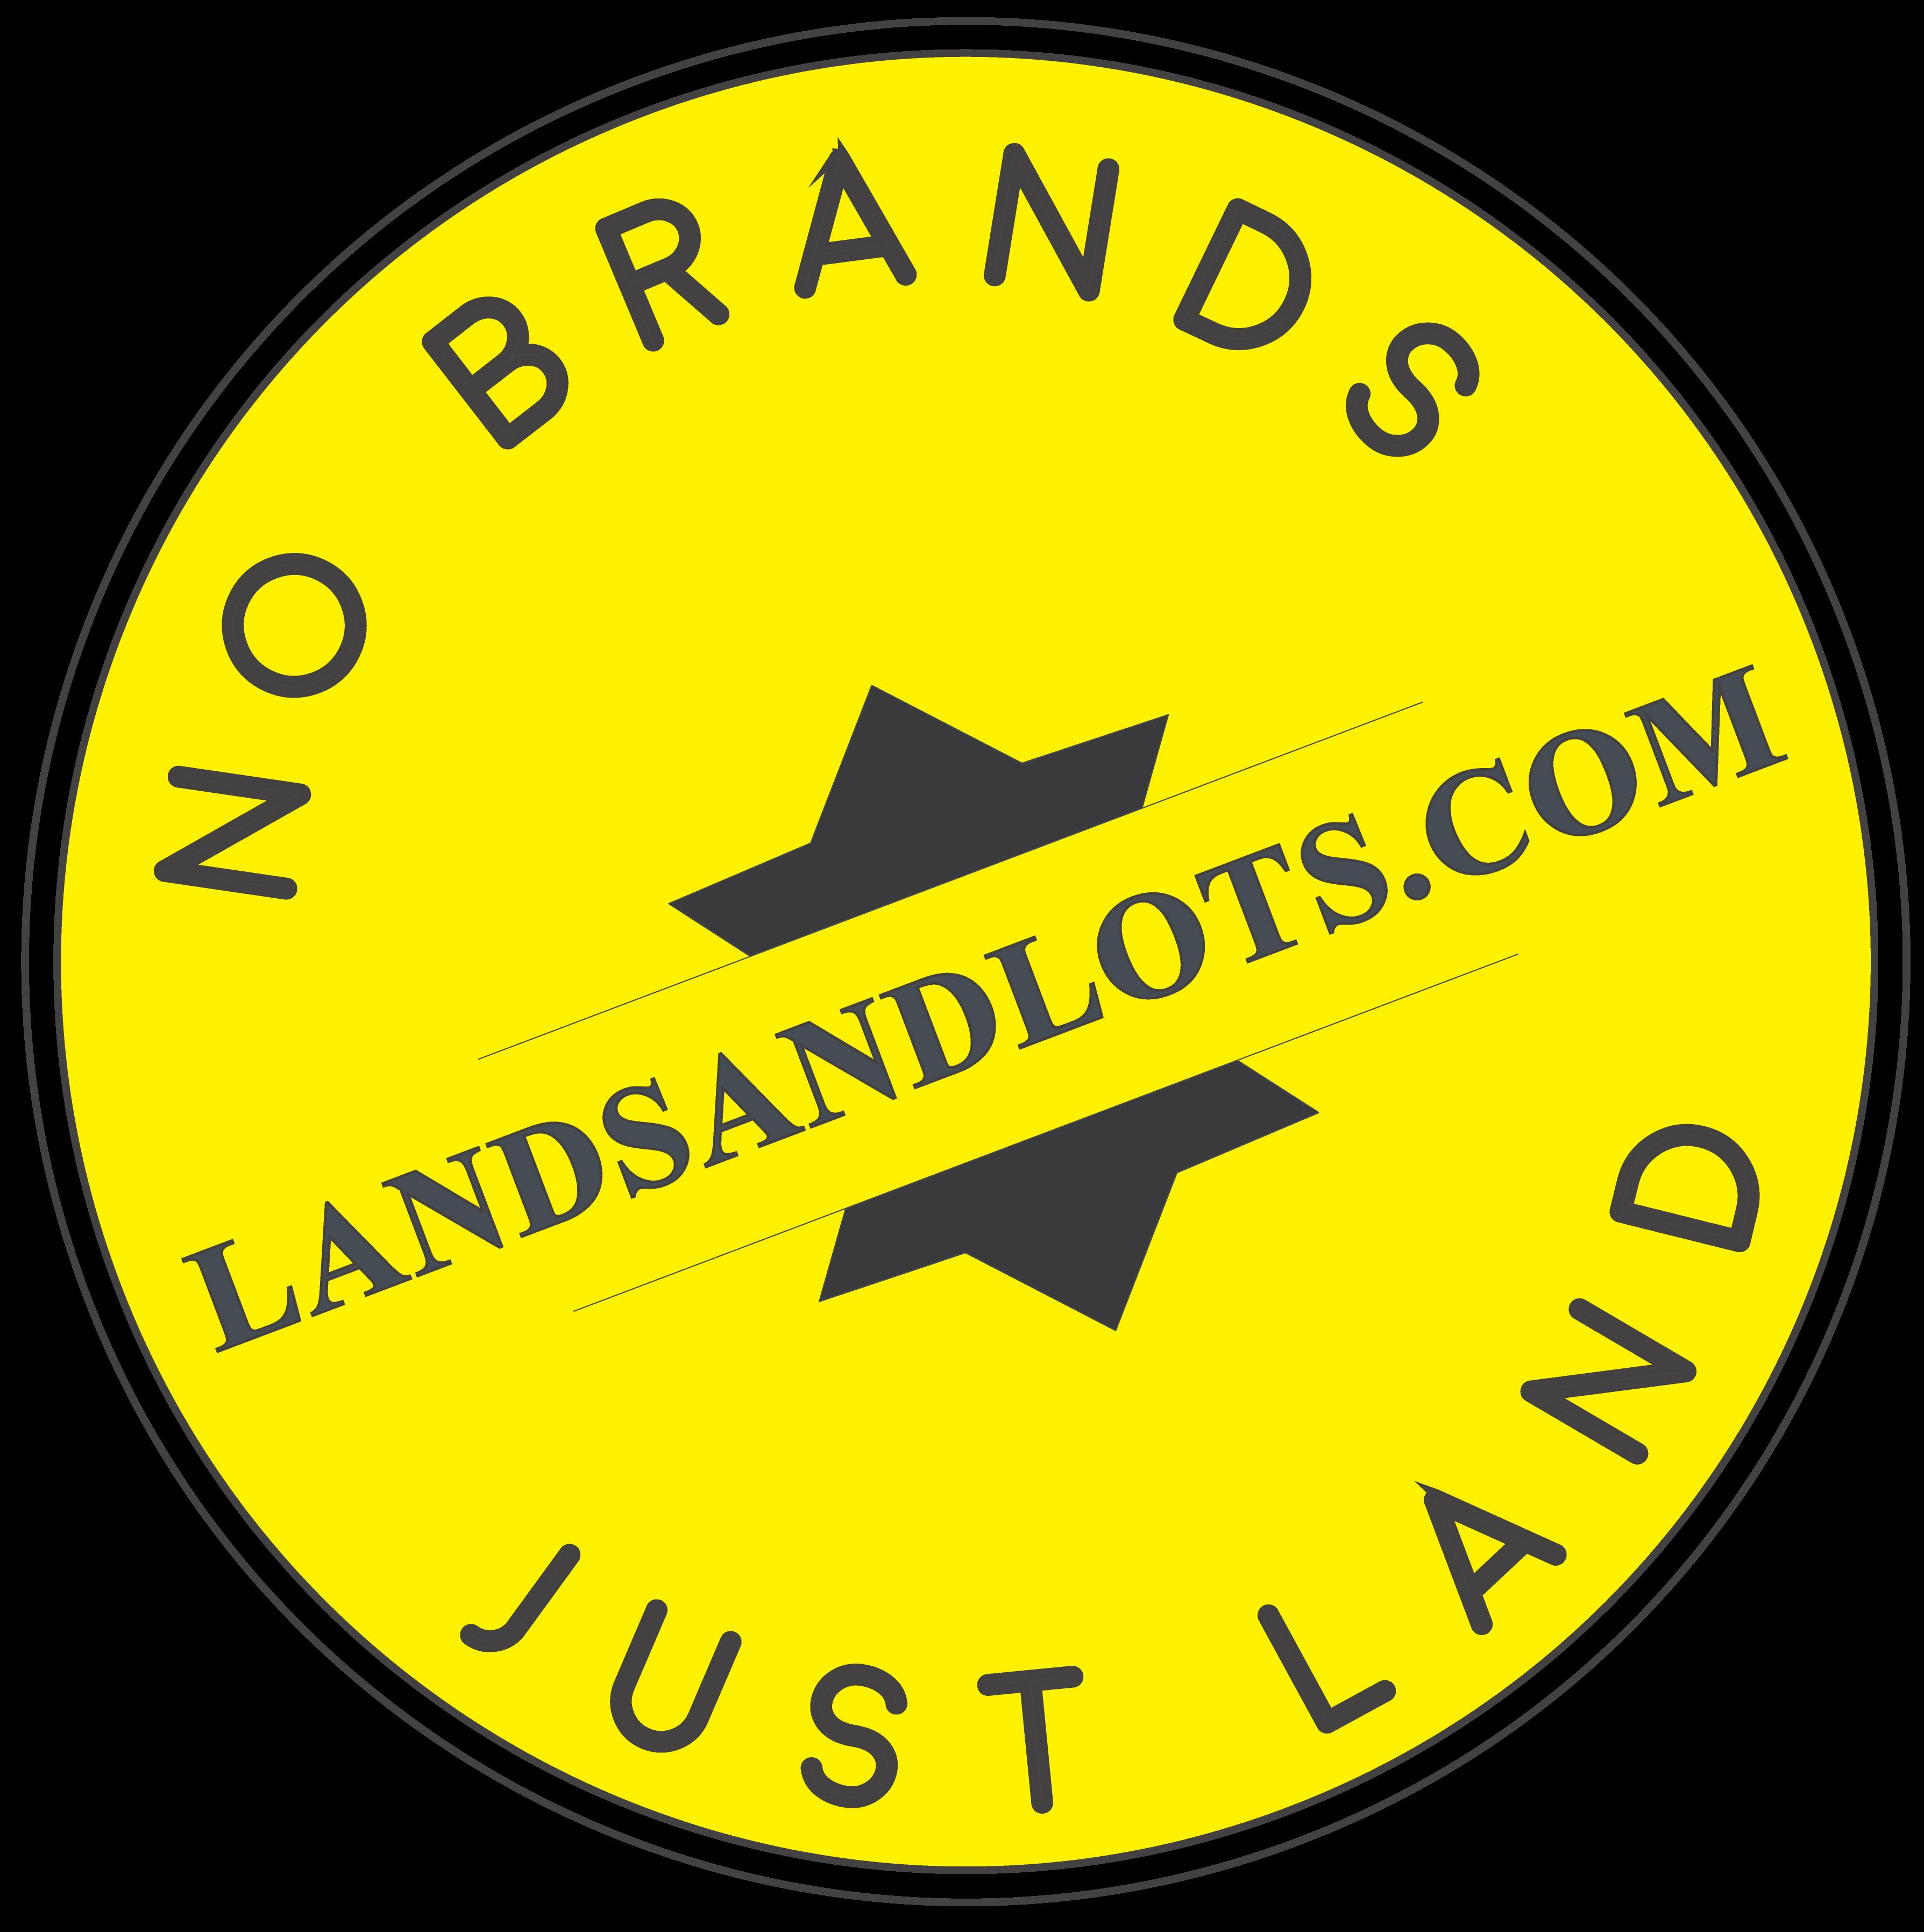 Landsandlots